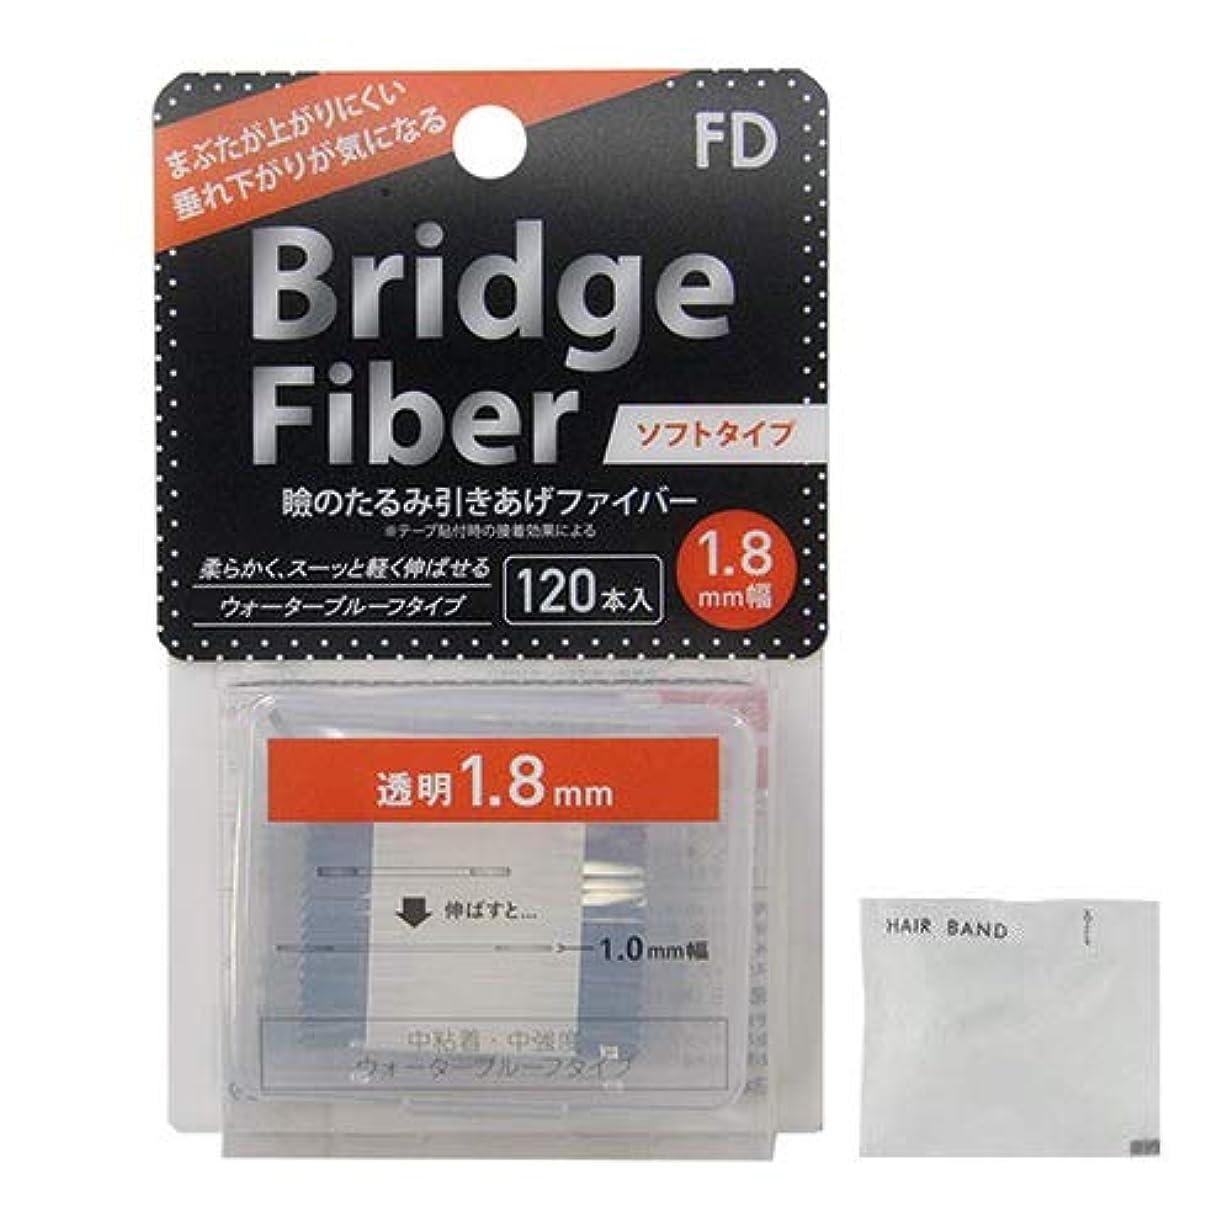 アルプスある速報【増量120本!】FD ブリッジソフトファイバー 眼瞼下垂防止テープ ソフトタイプ 透明1.8mm幅 120本入り + ヘアゴム(カラーはおまかせ)セット